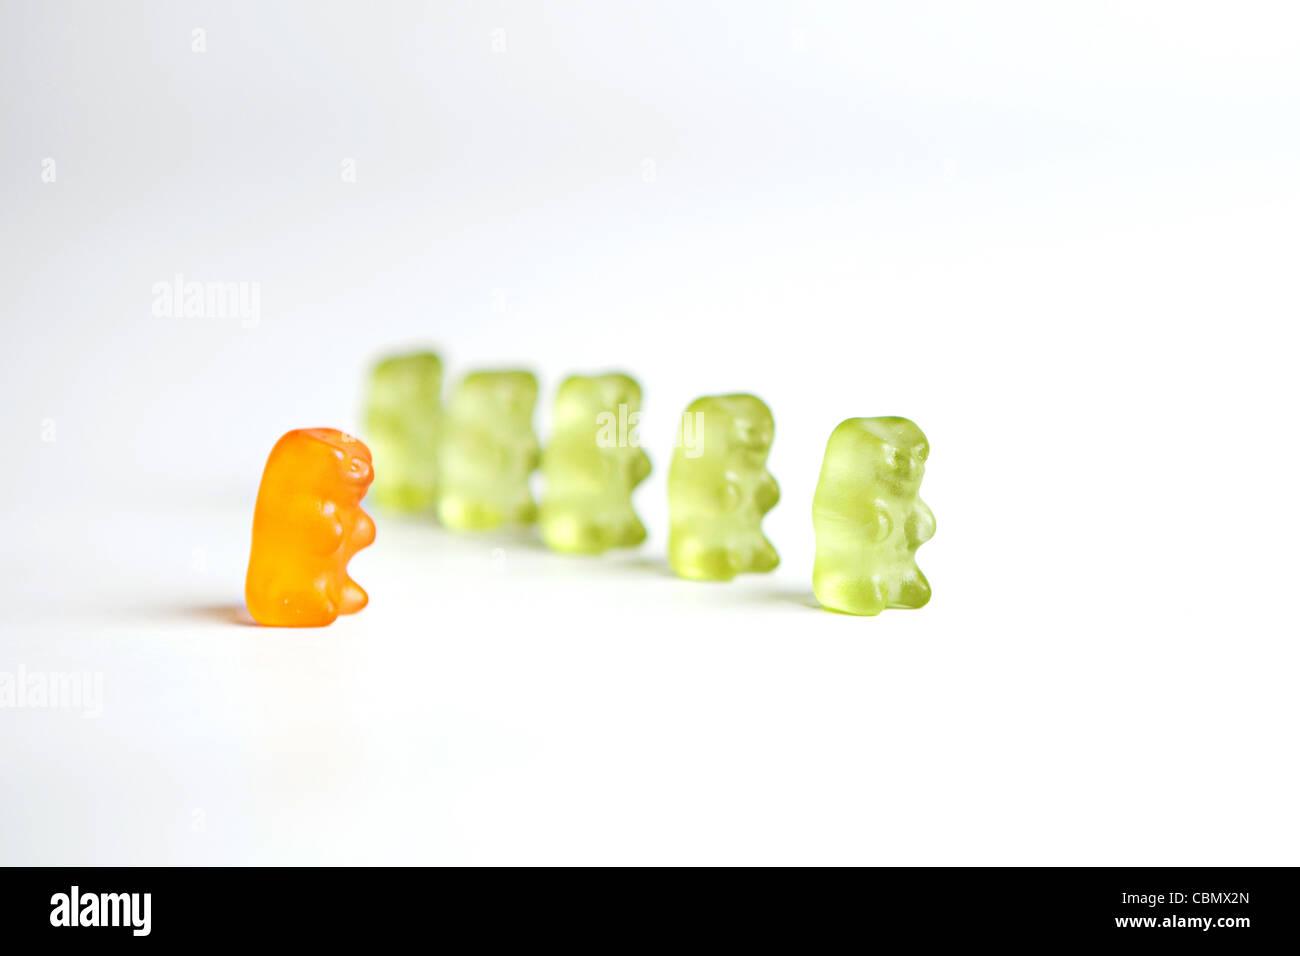 Une ligne d'un livre vert ours gommeux avec un 'odd one out' ours orange Photo Stock